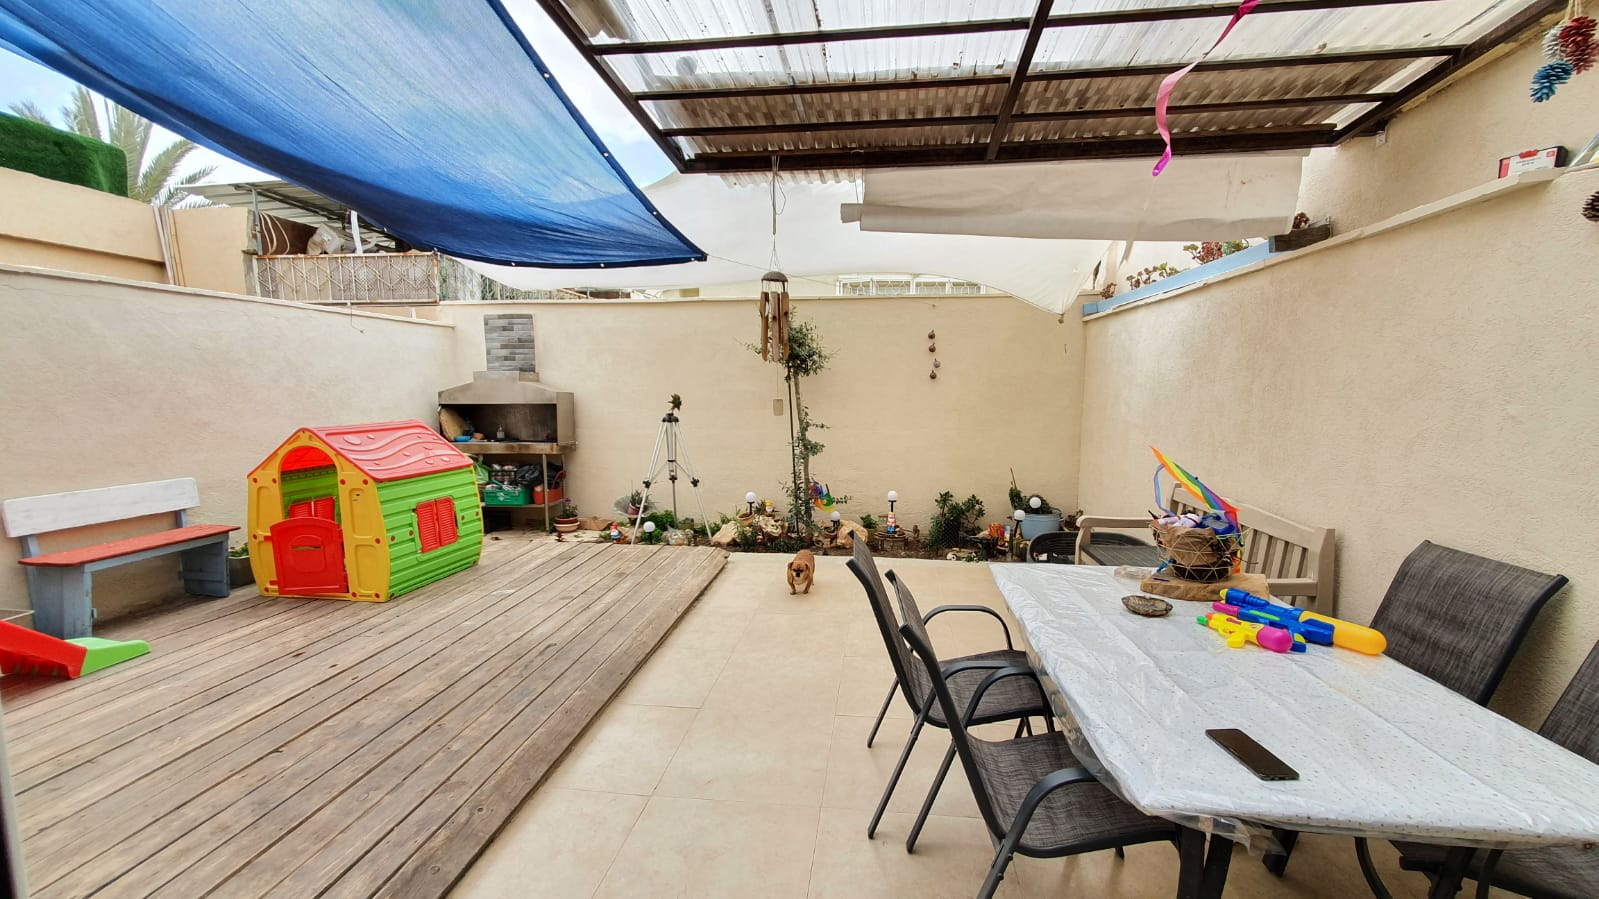 למכירה בית קרקע 3 חדרים בשכונה ה' במחיר אטרקטיבי במיוחד!